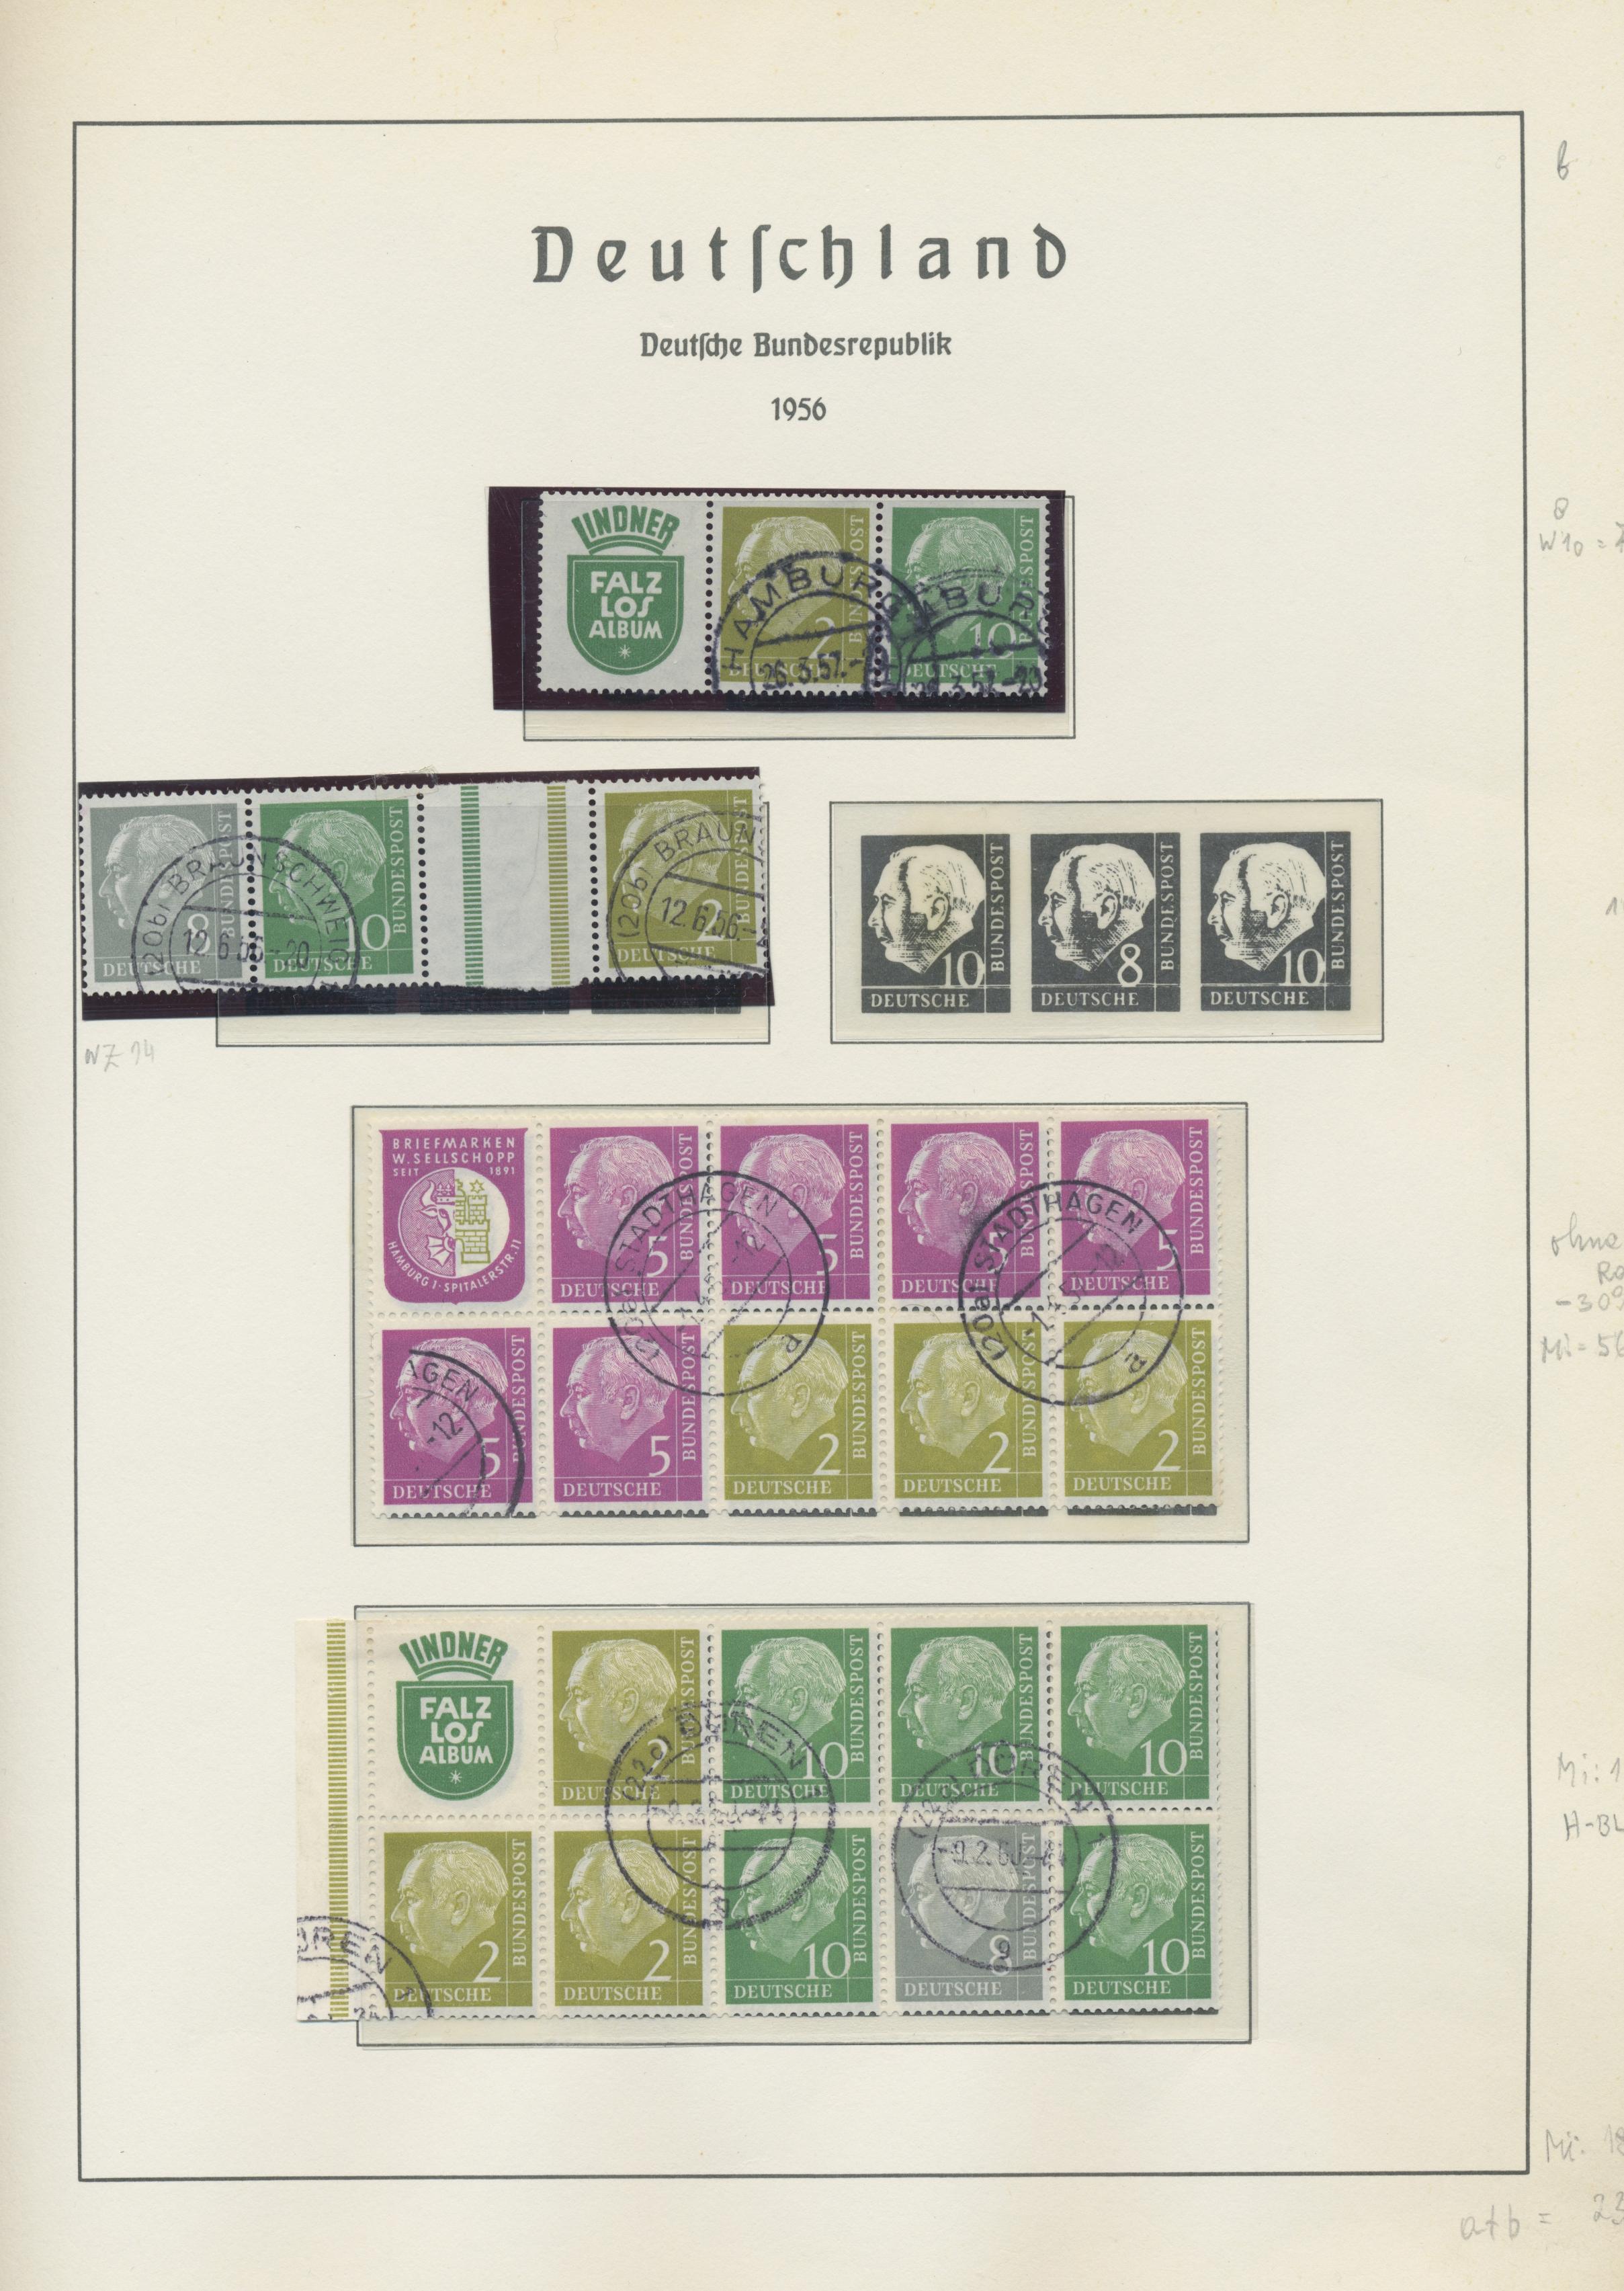 Lot 37690 - Bundesrepublik - Zusammendrucke  -  Auktionshaus Christoph Gärtner GmbH & Co. KG Sale #44 Collections Germany